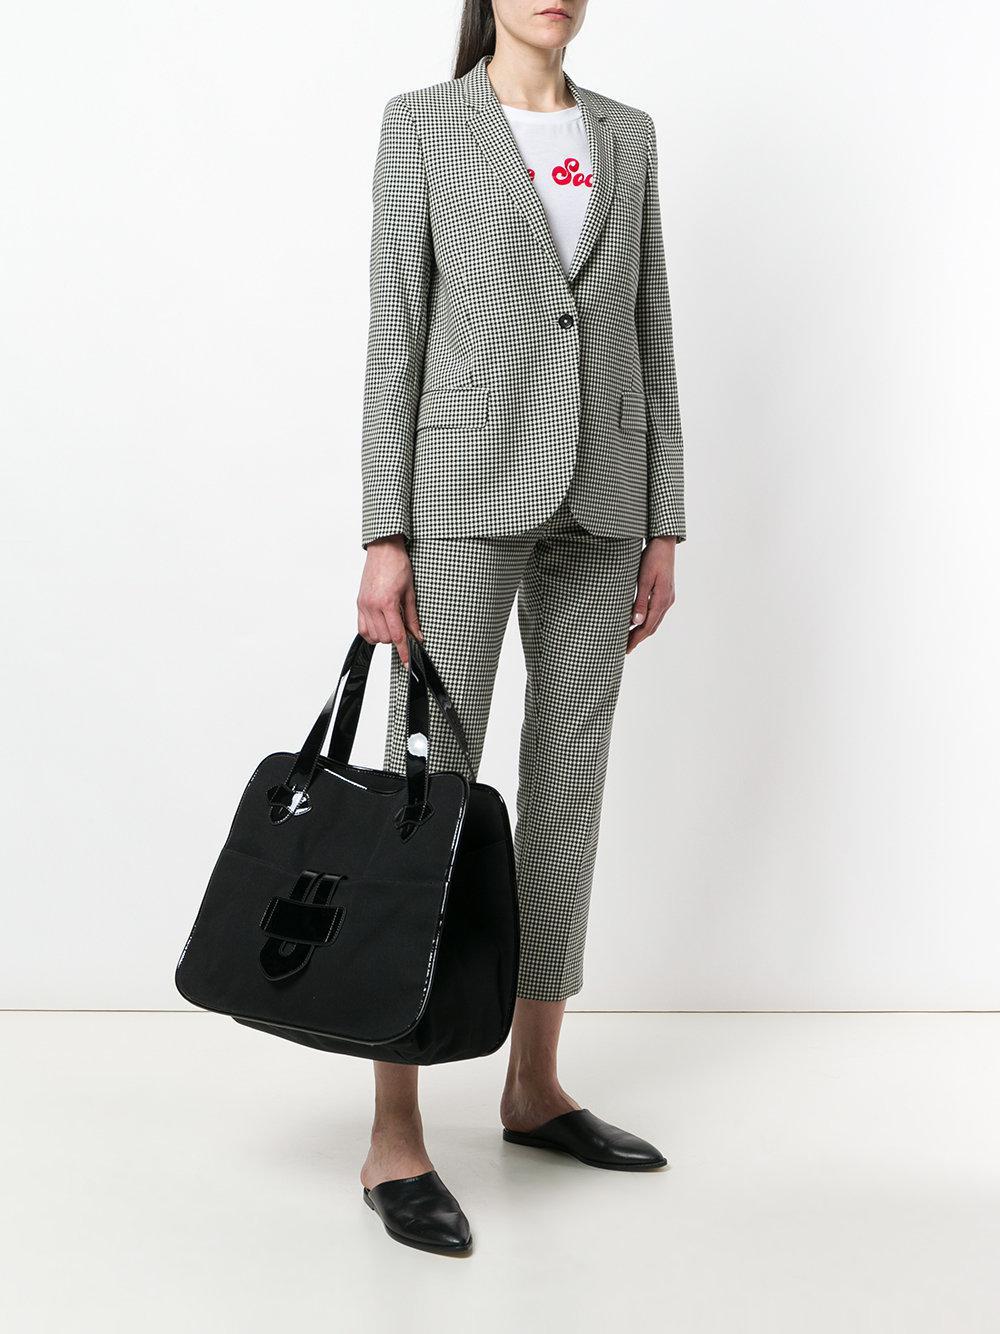 Tila March Leather Zelig Xl Tote Bag in Black